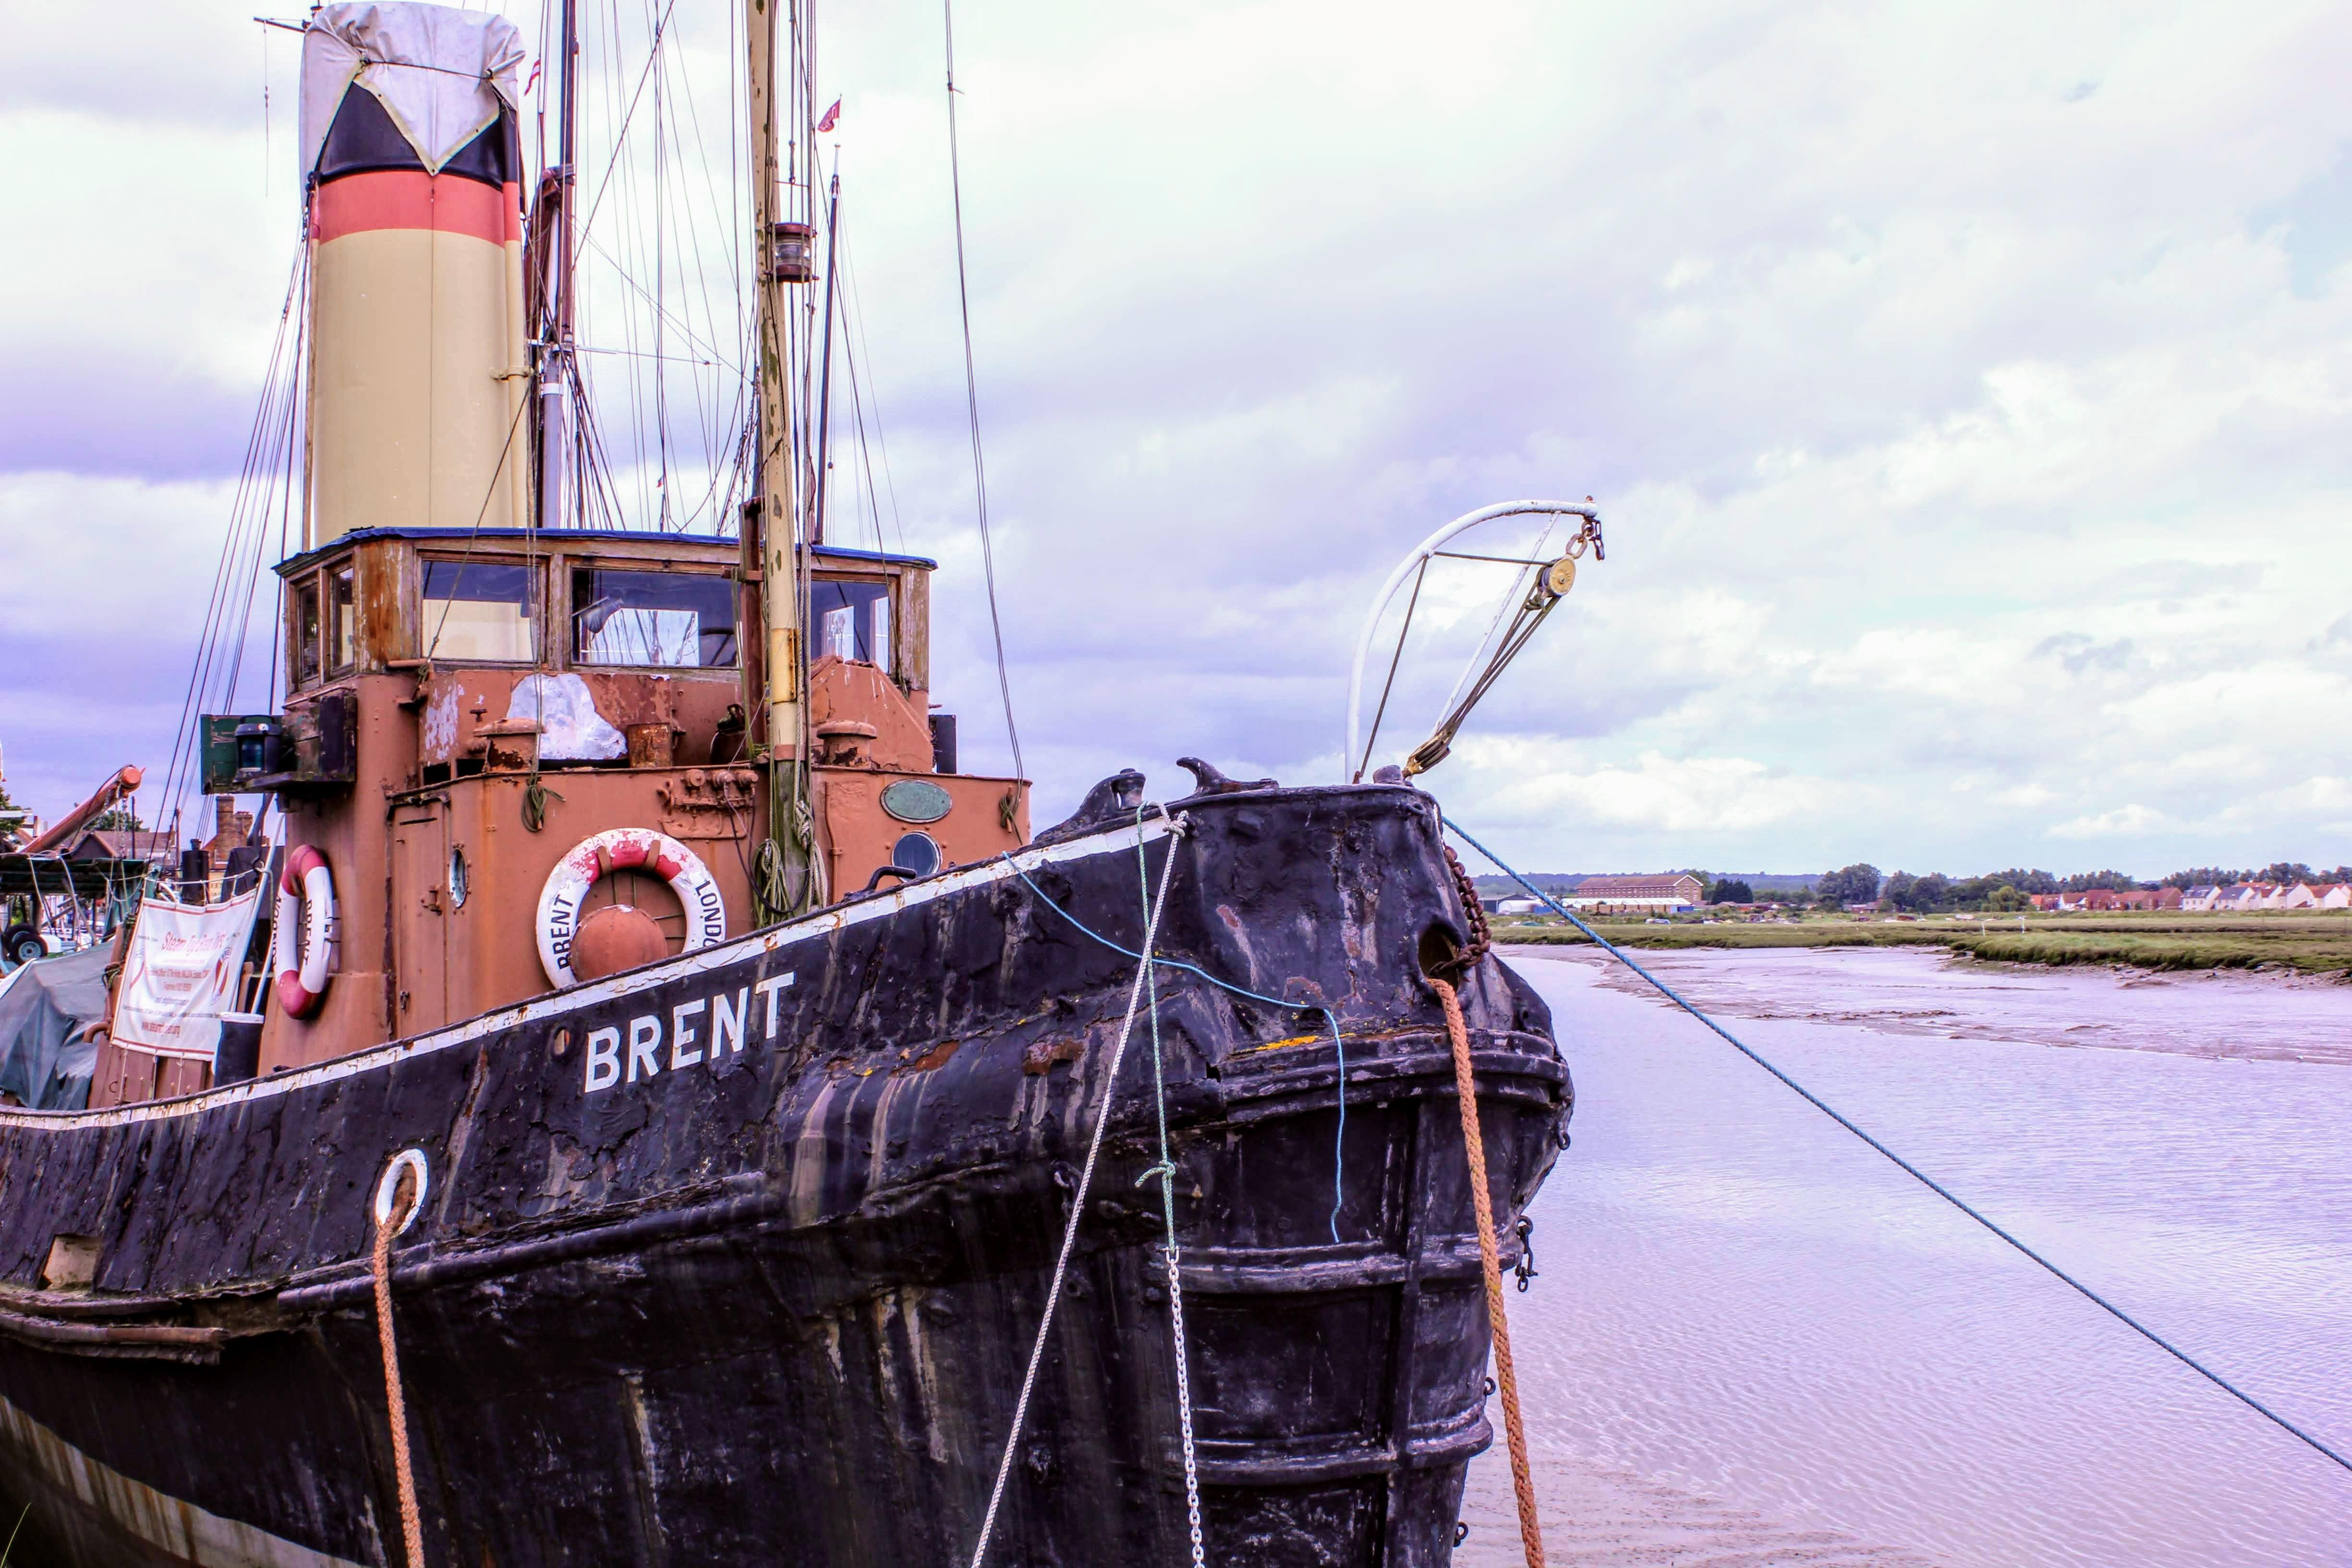 Ship in Maldon, Essex